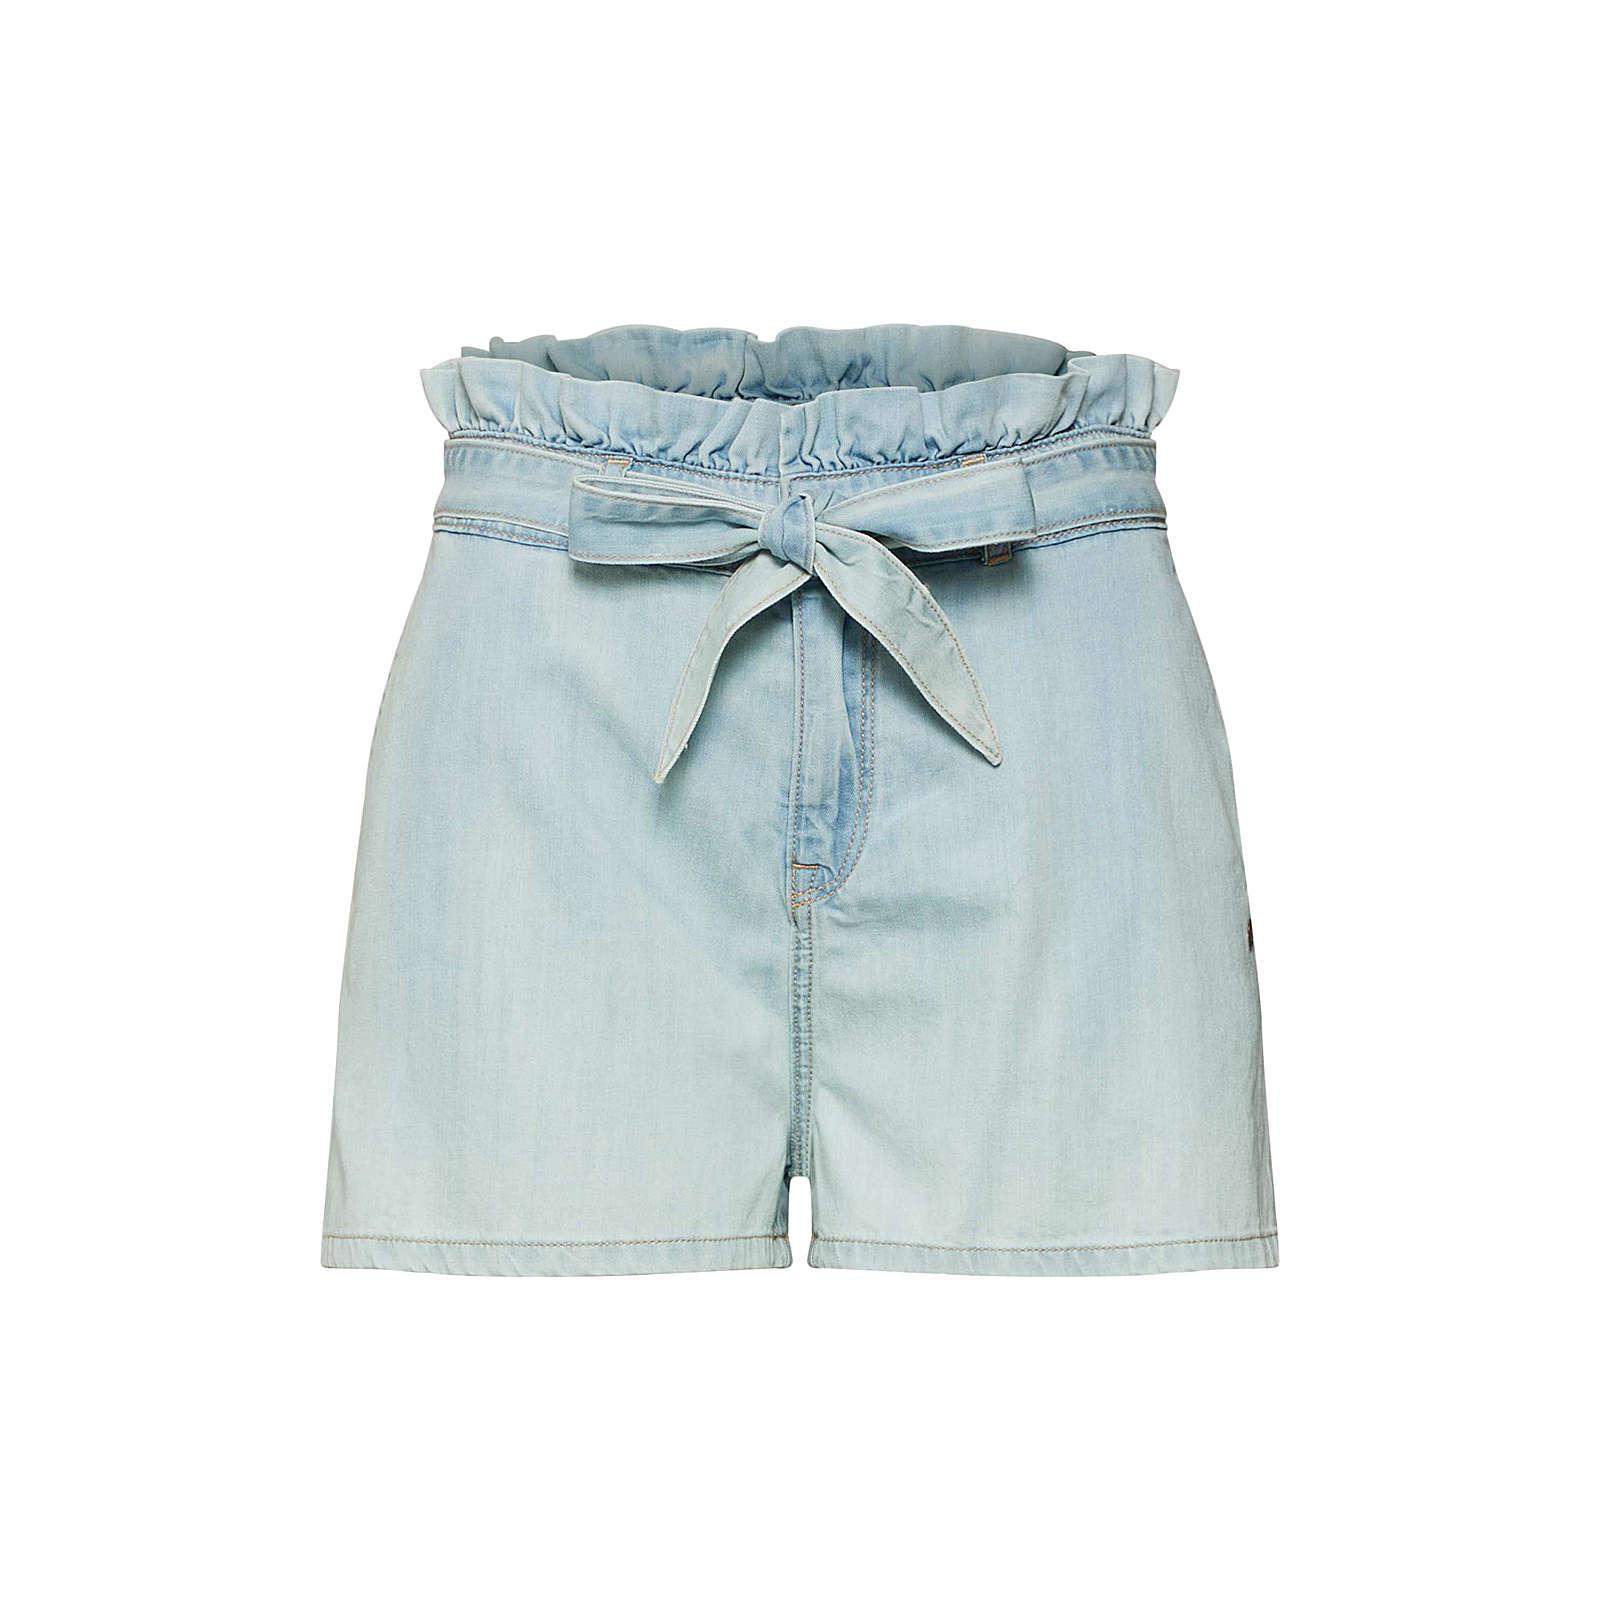 ROXY Jeans Jeansshorts hellblau Damen Gr. 28